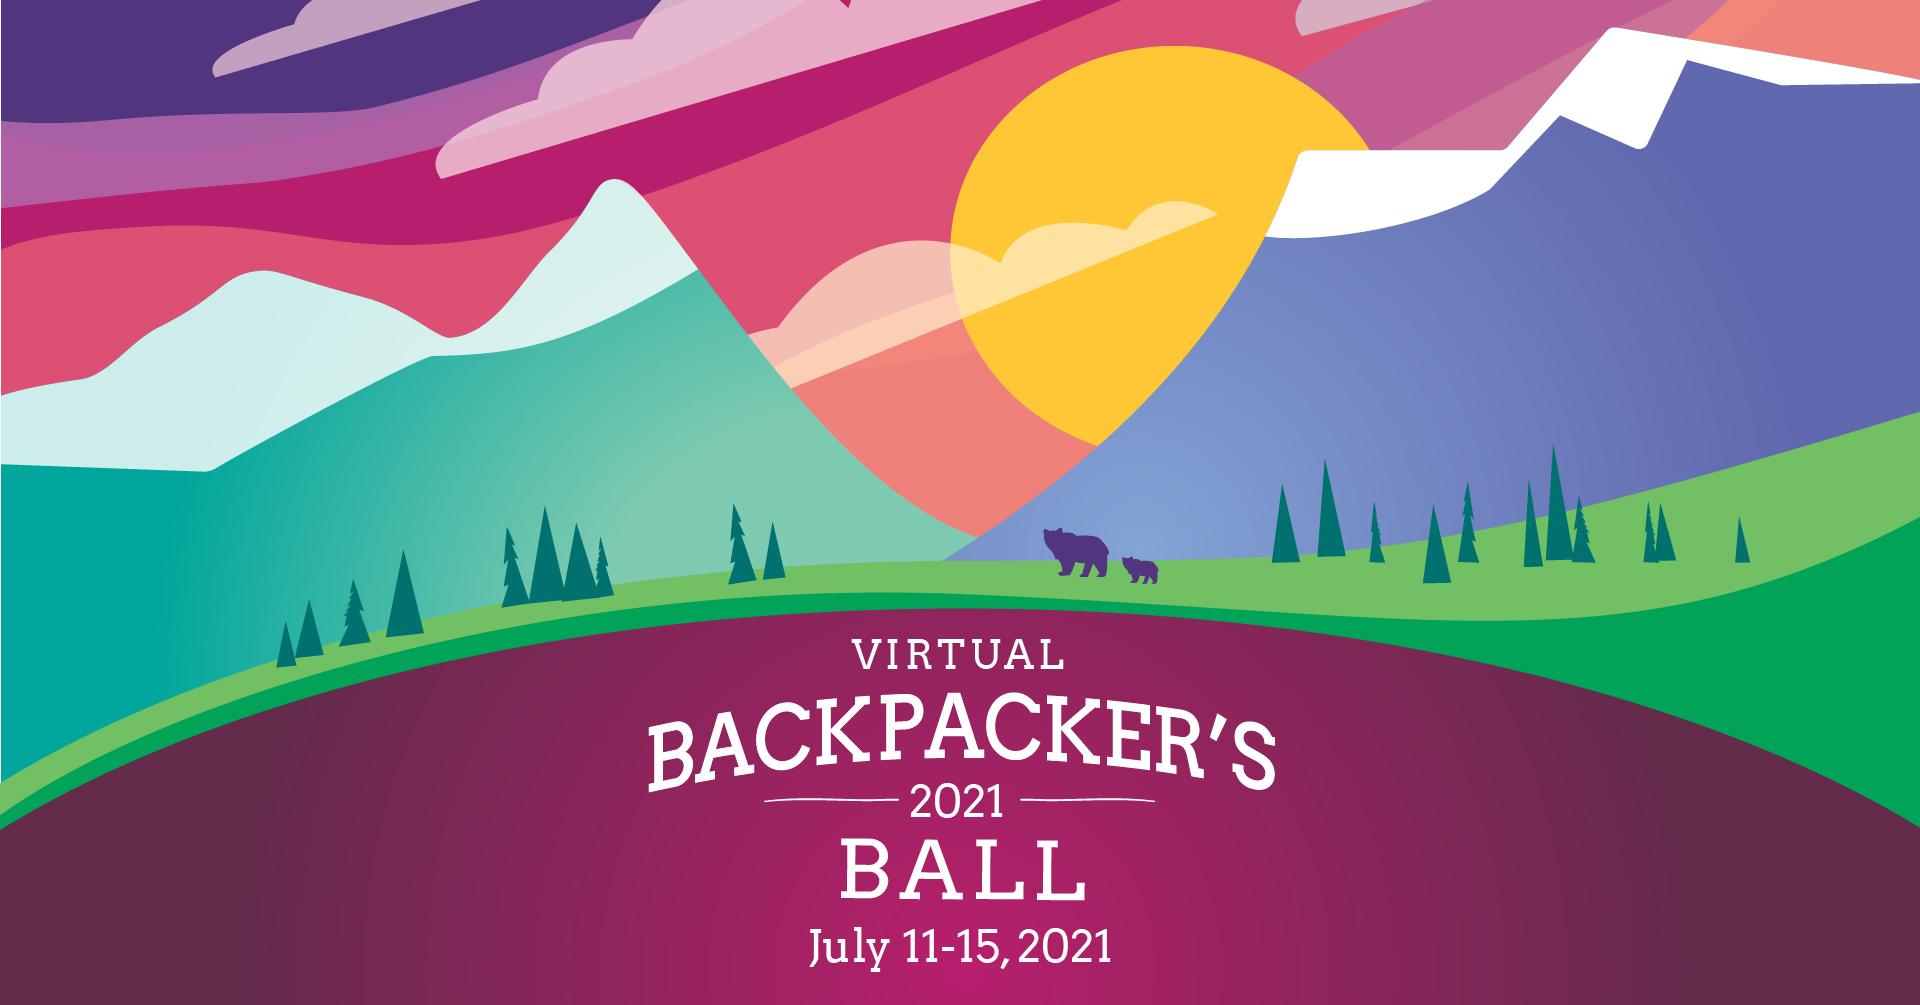 Backpacker's Ball 2021